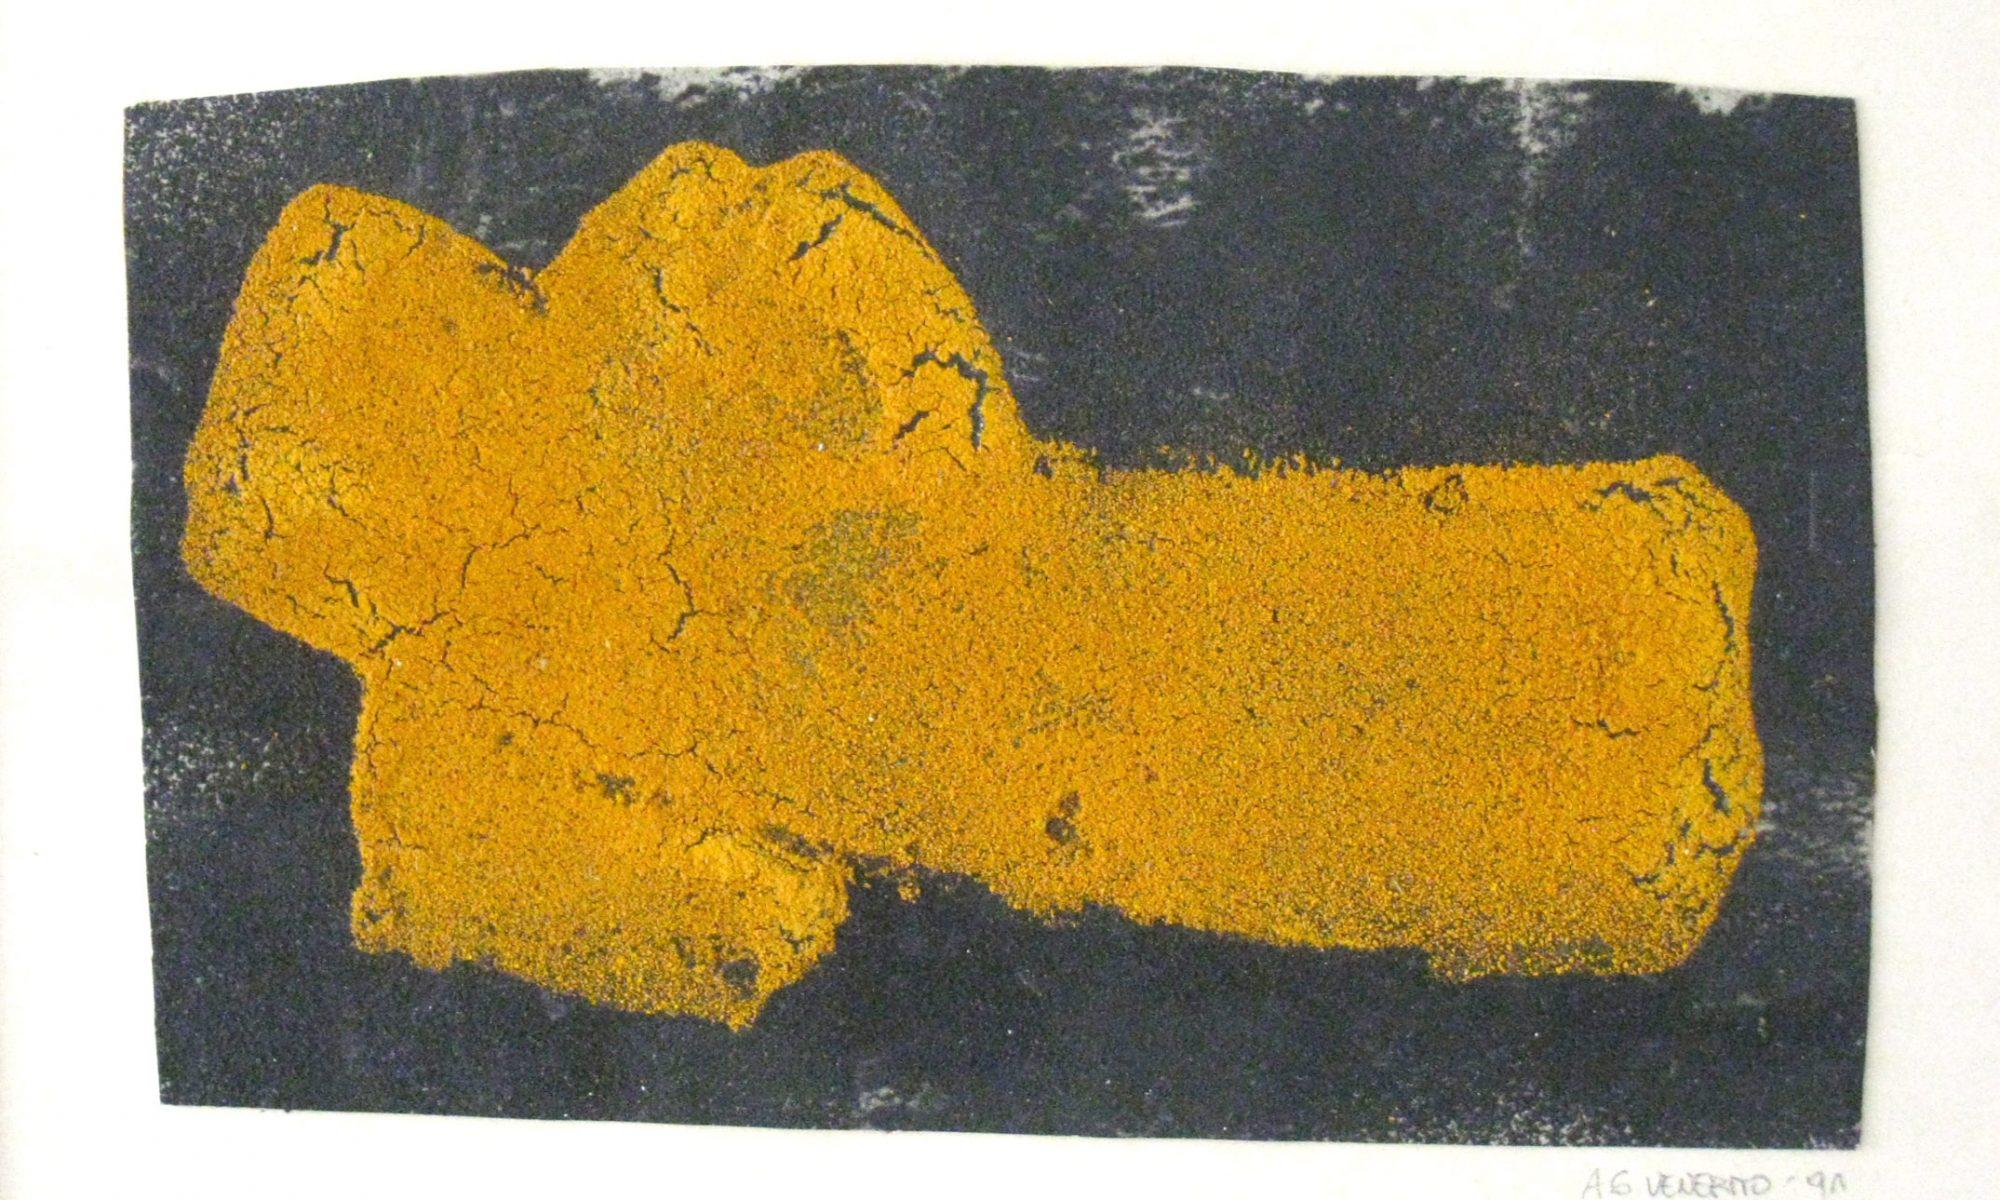 O.T., Baustoffe u. Pigmente auf Papier, 26,5 x 32,5 cm (framed)